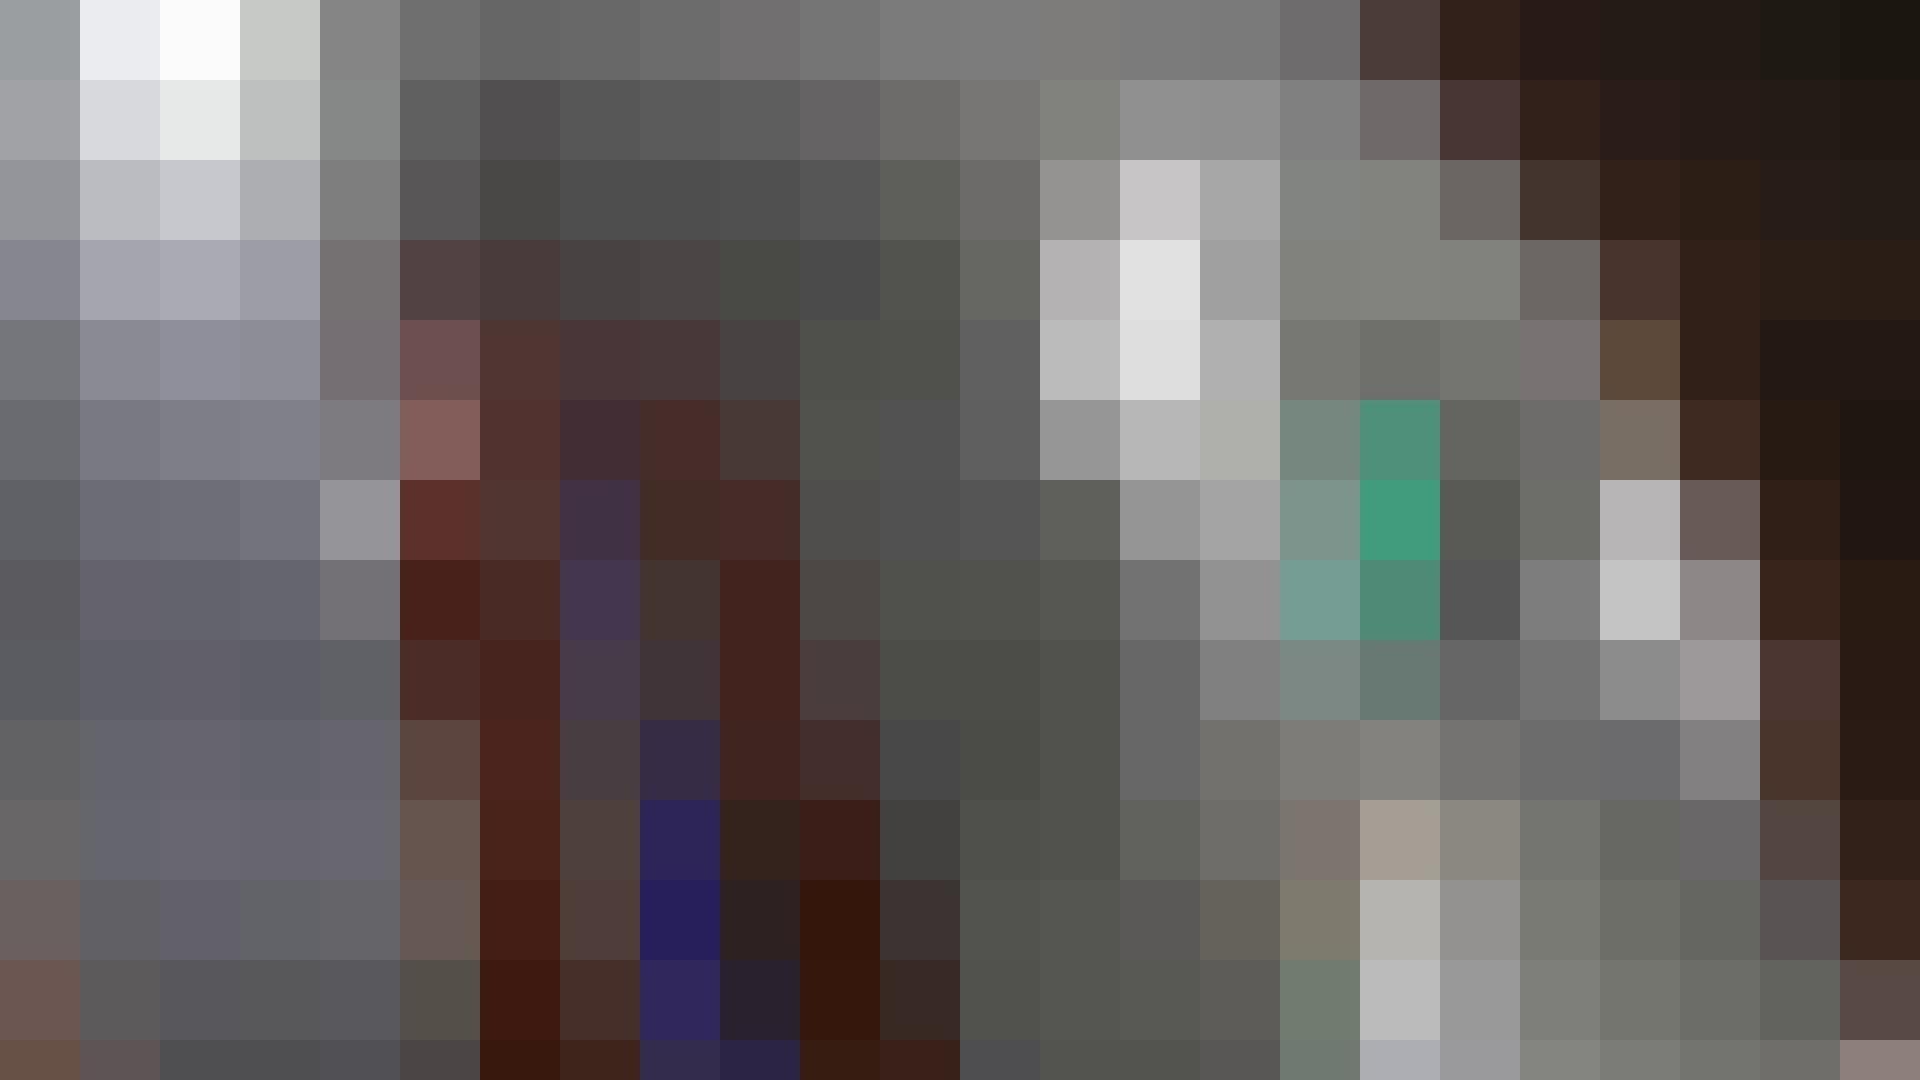 世界の射窓から ステーション編 vol.18 ゴン太 推定600g超過 エッチすぎるOL達  87連発 20